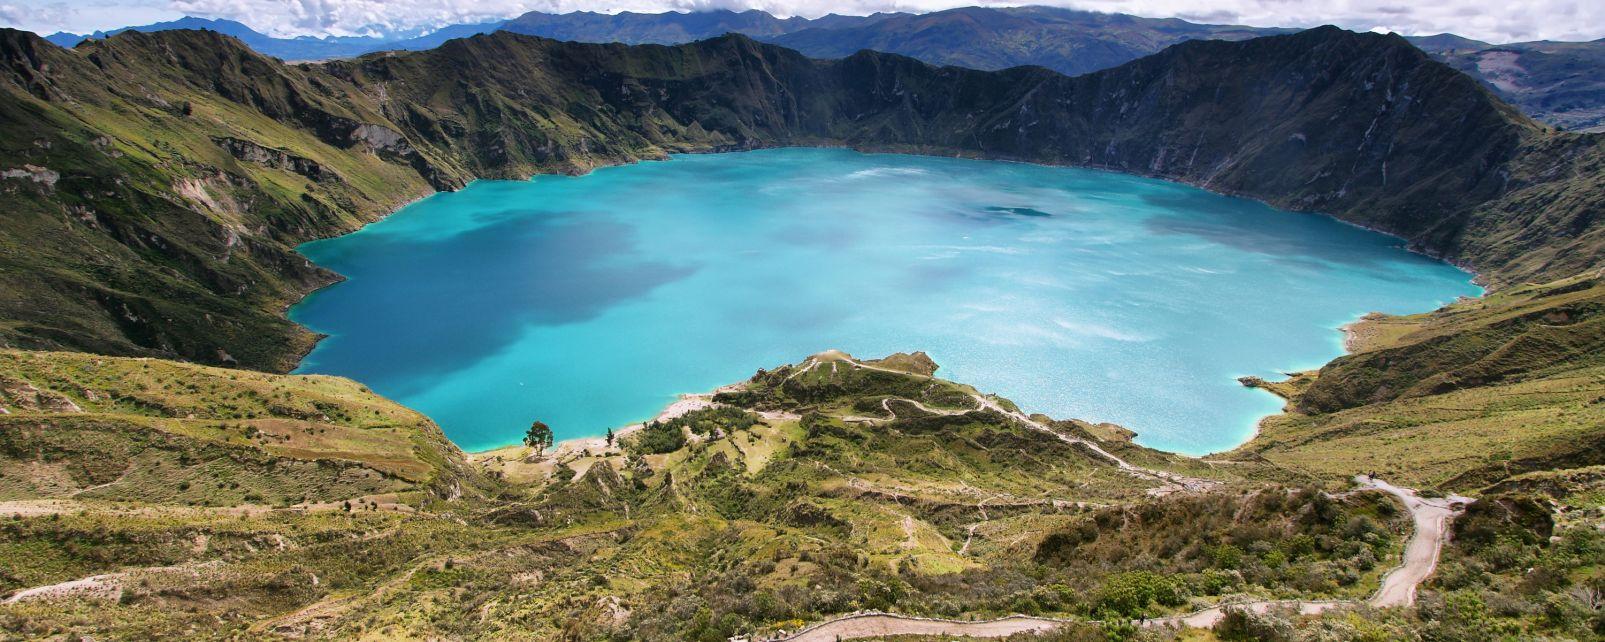 Quateur paysages voyages cartes - Laguna piscine allemagne ...